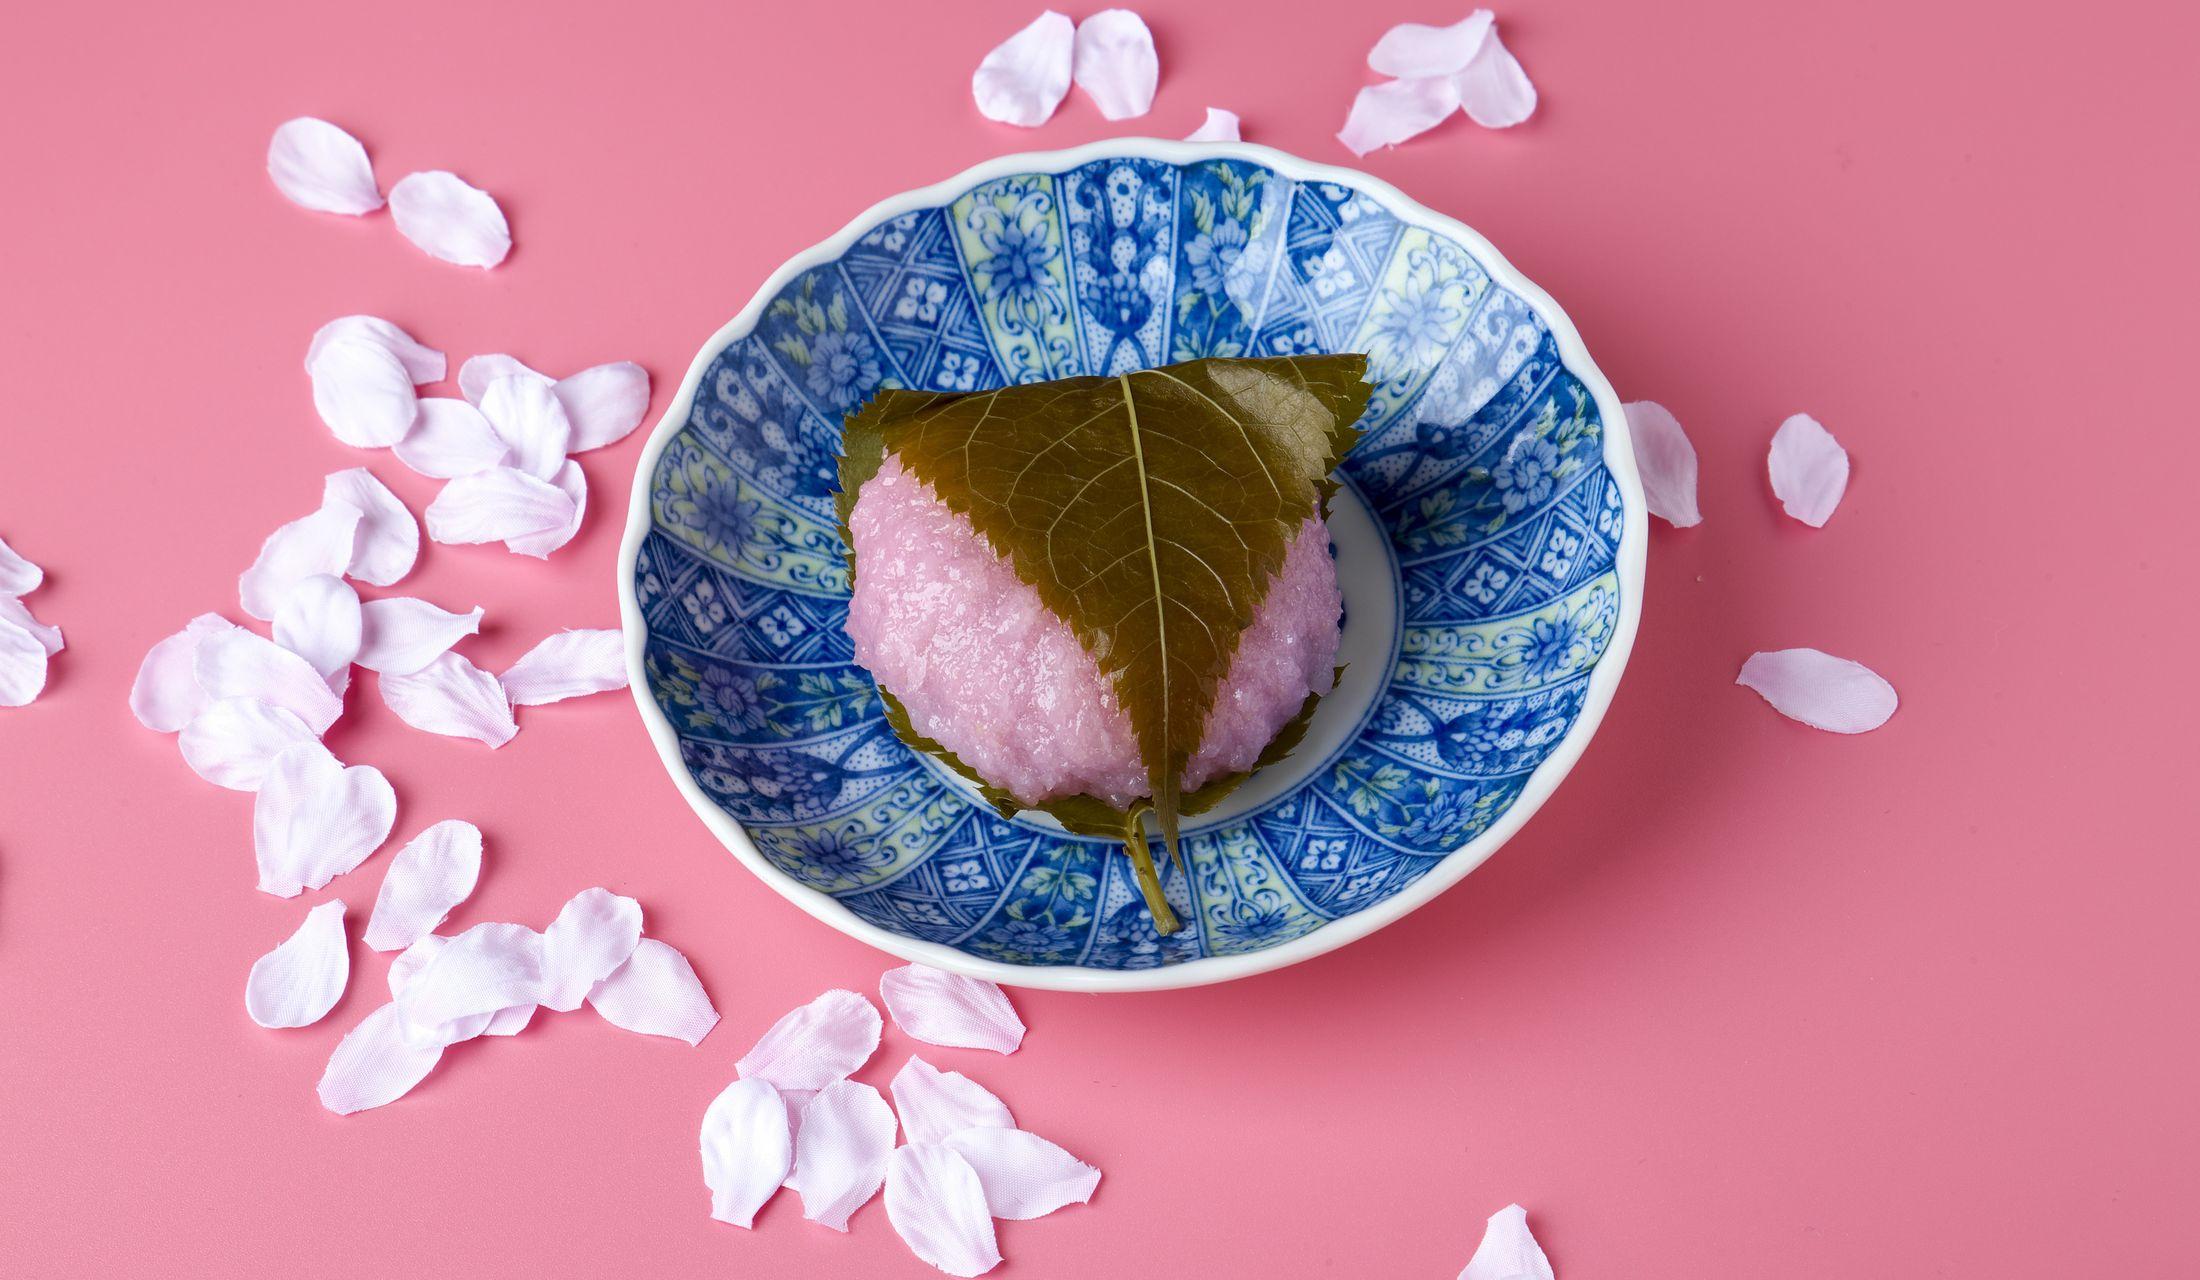 目から春を感じさせてくれる桜餅